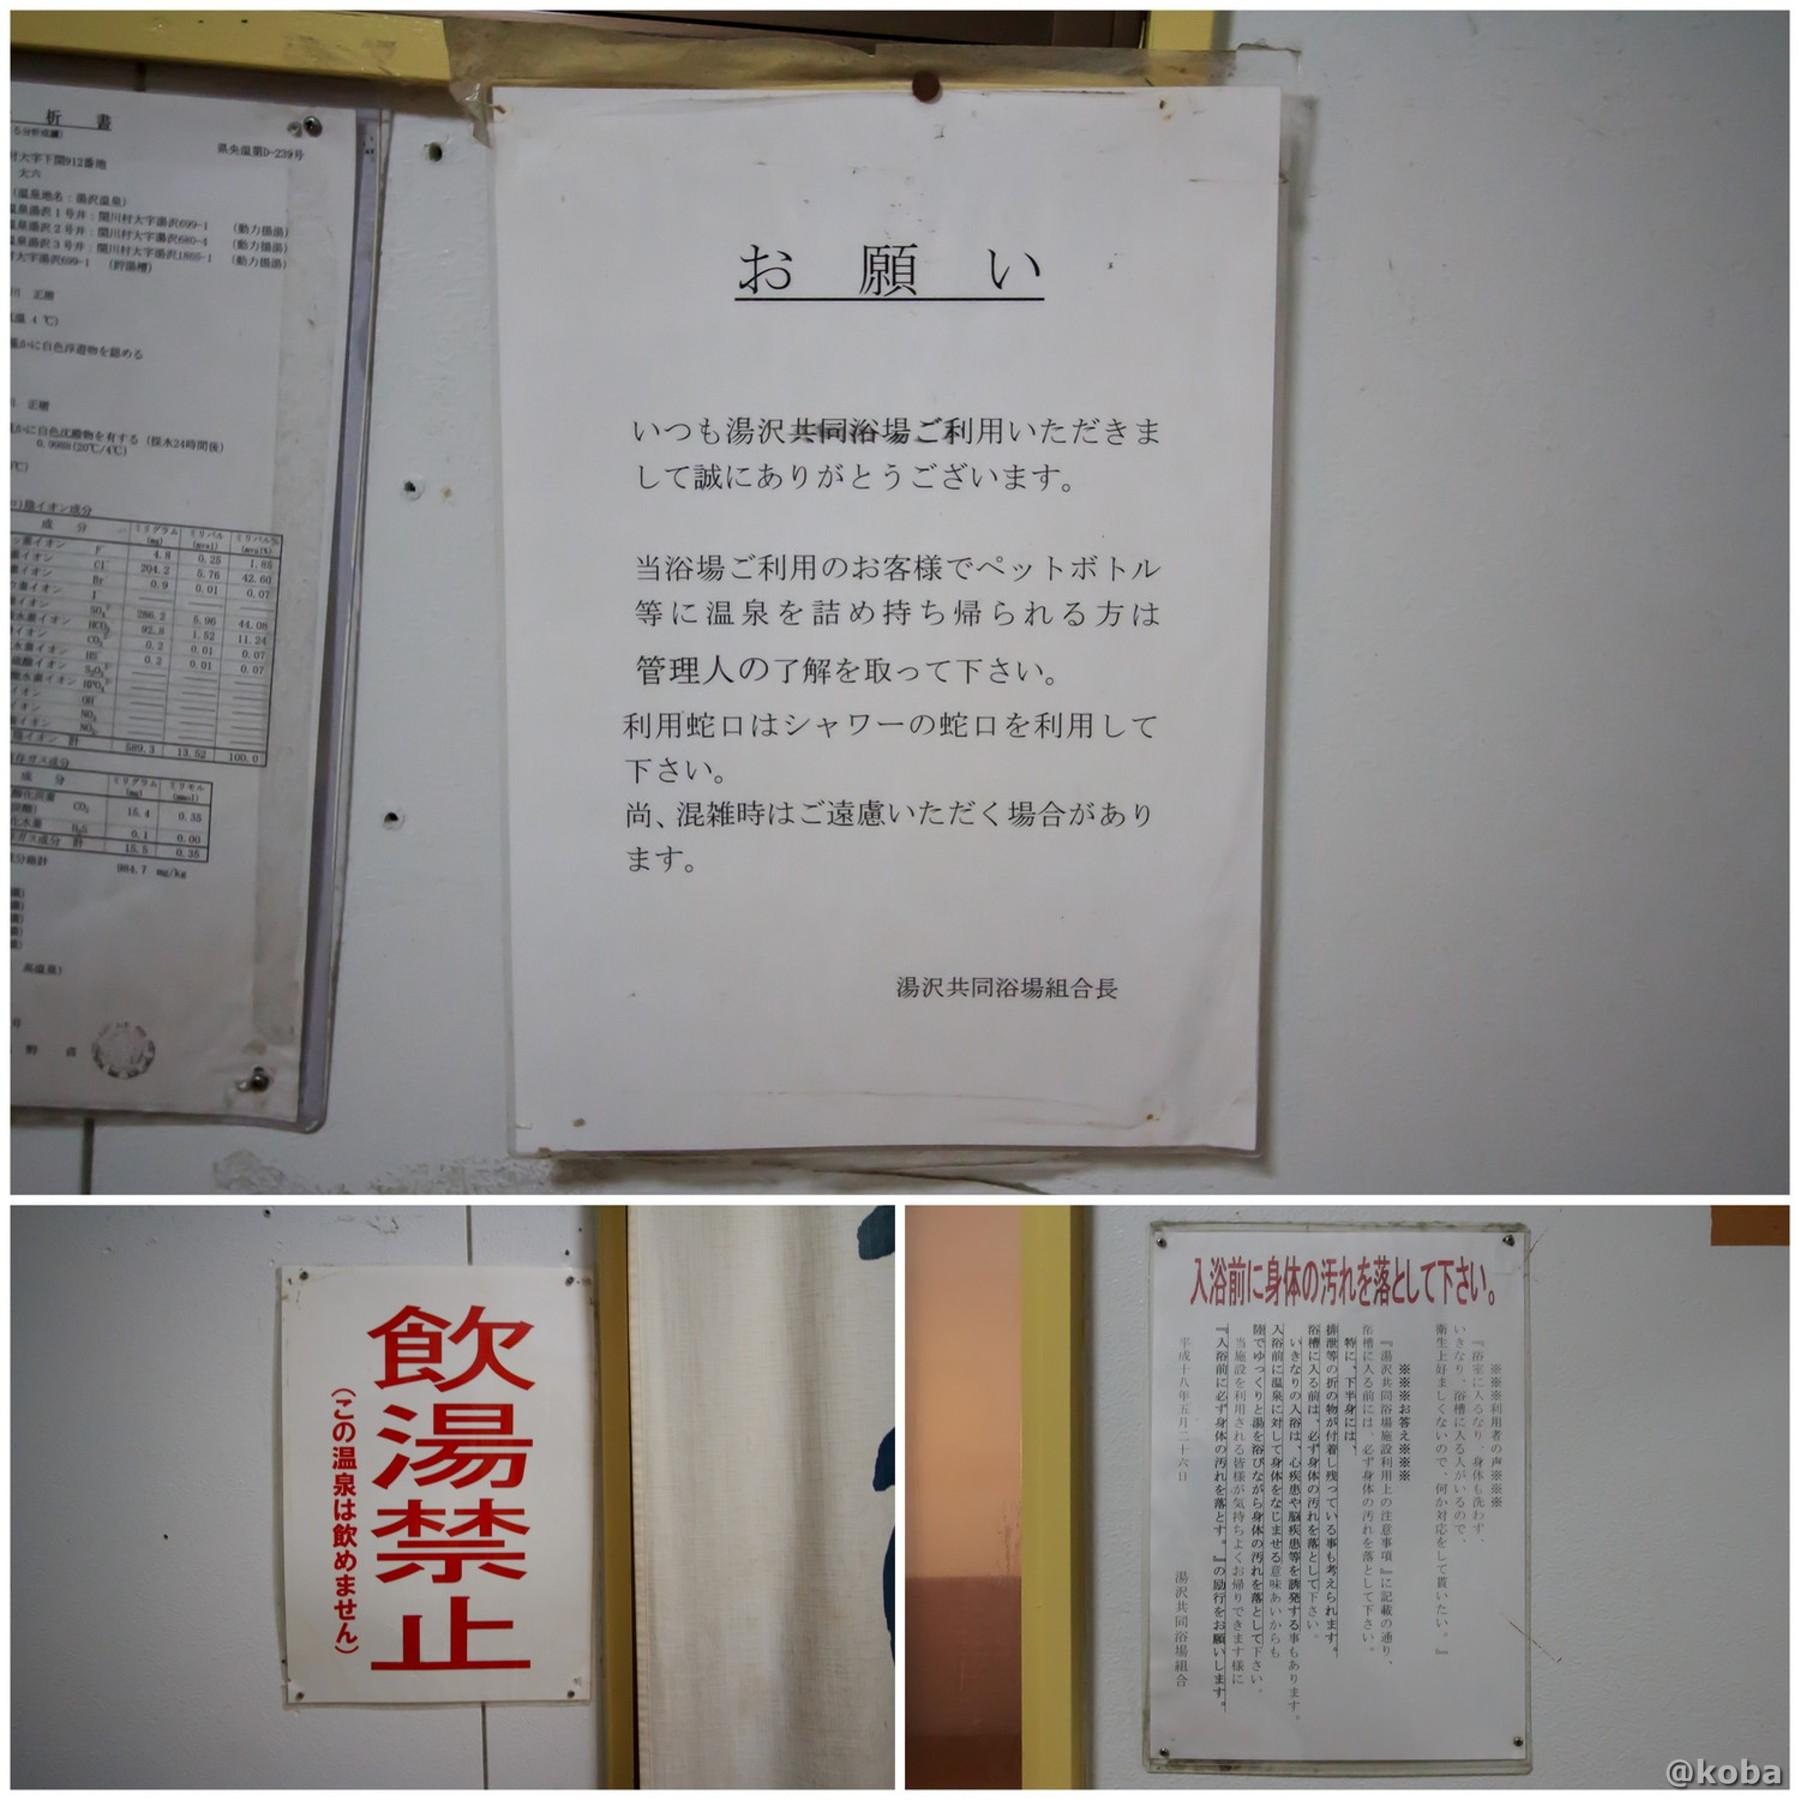 お願い、注意事項、飲湯禁止の写真│湯沢共同浴場(ゆざわきょうどうよくじょう)│新潟県 温泉ブログ